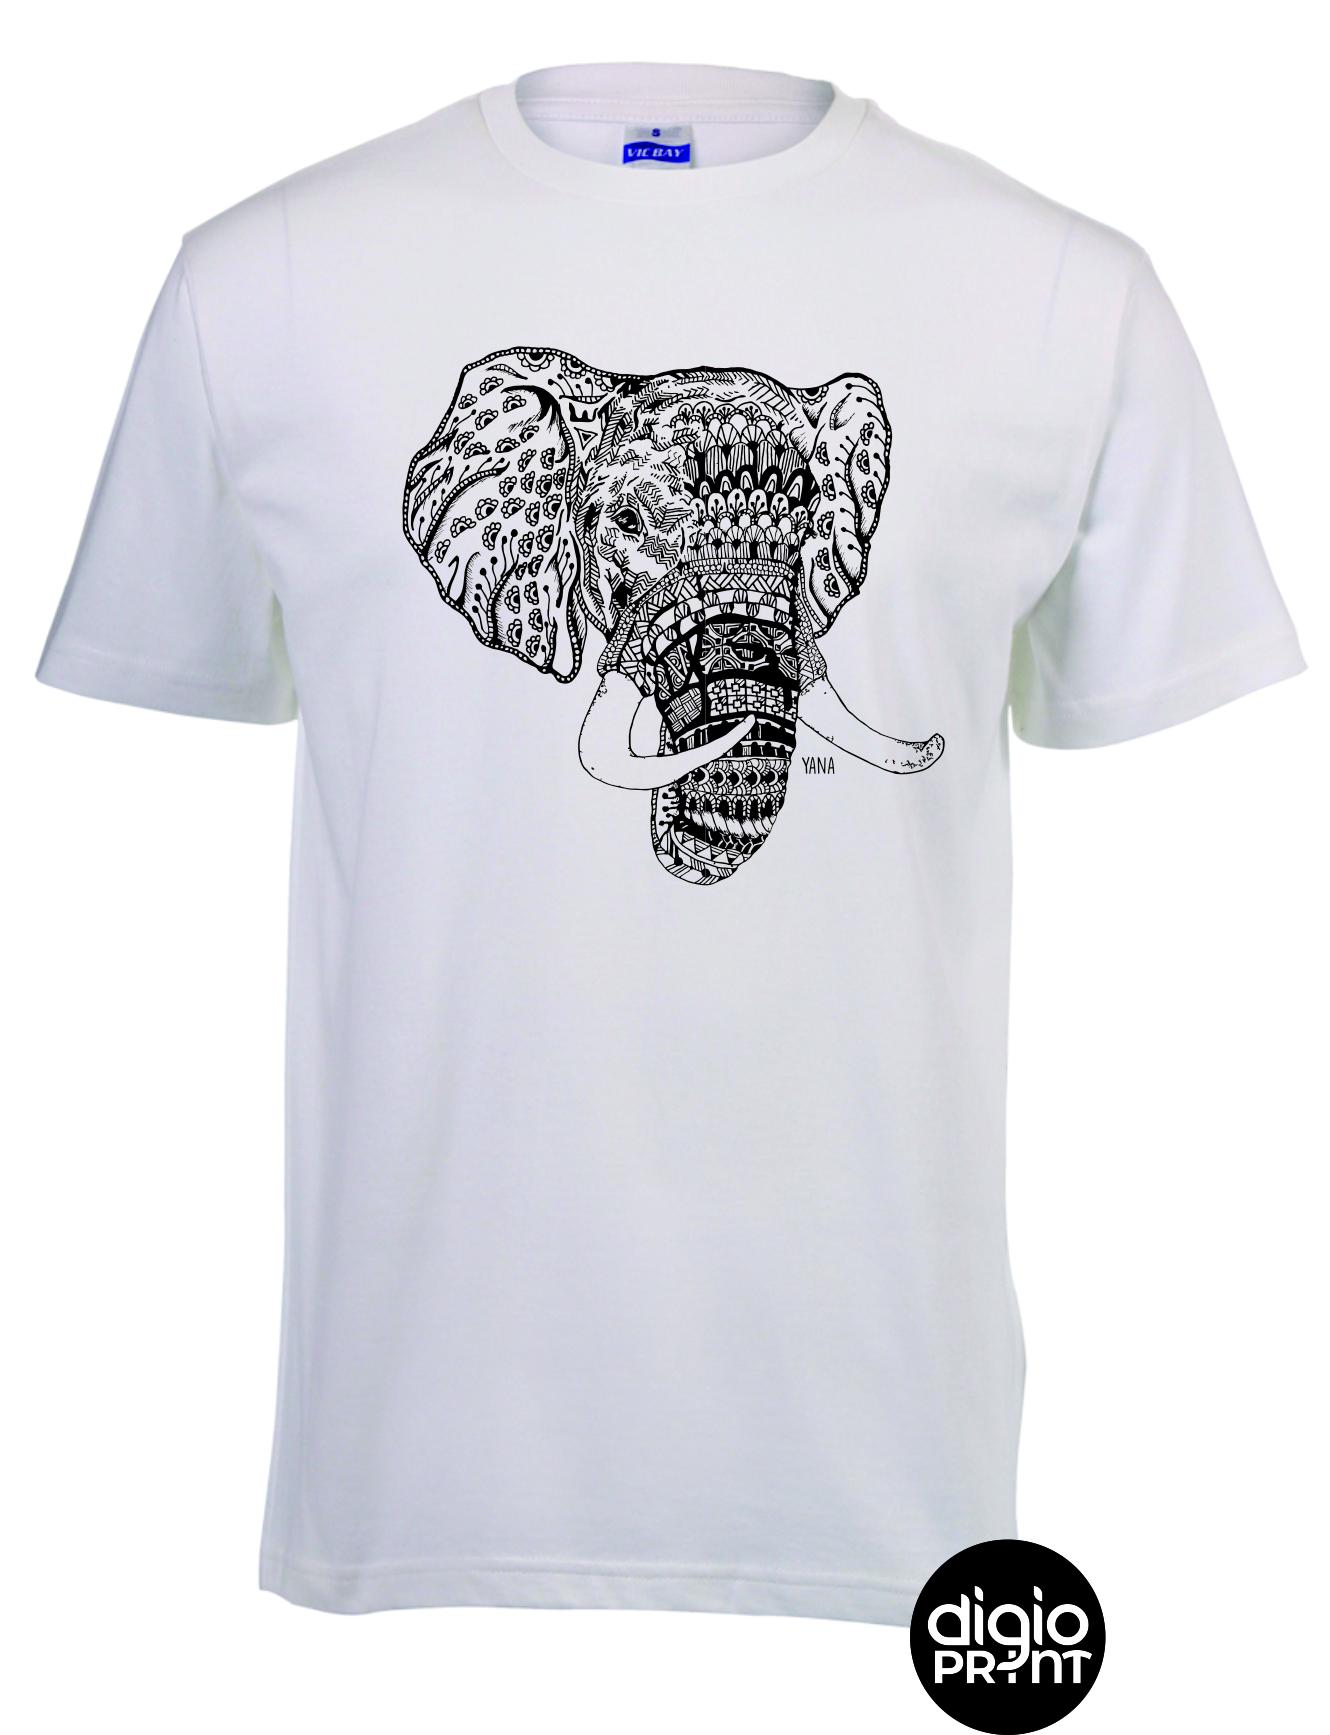 Yana Elephant Round Neck T-shirt